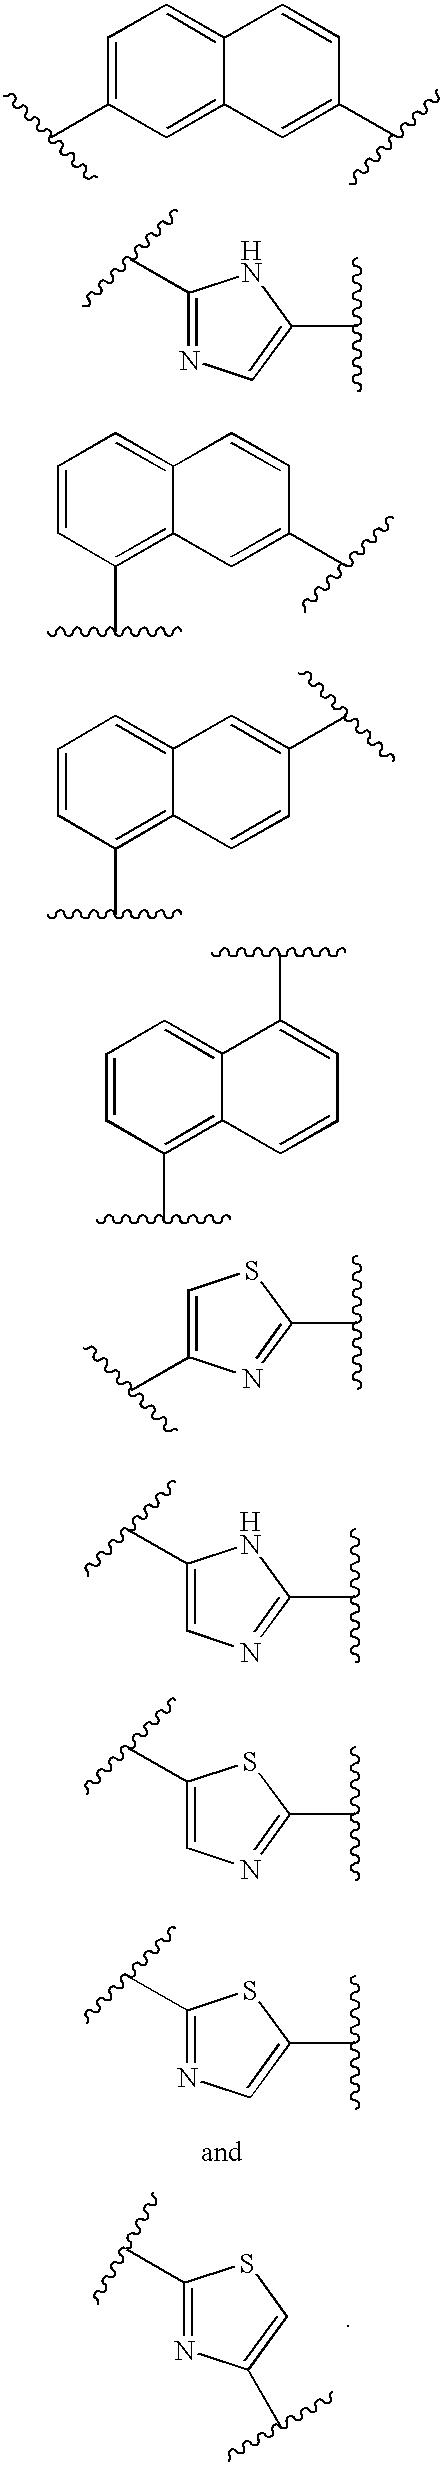 Figure US06498238-20021224-C00747